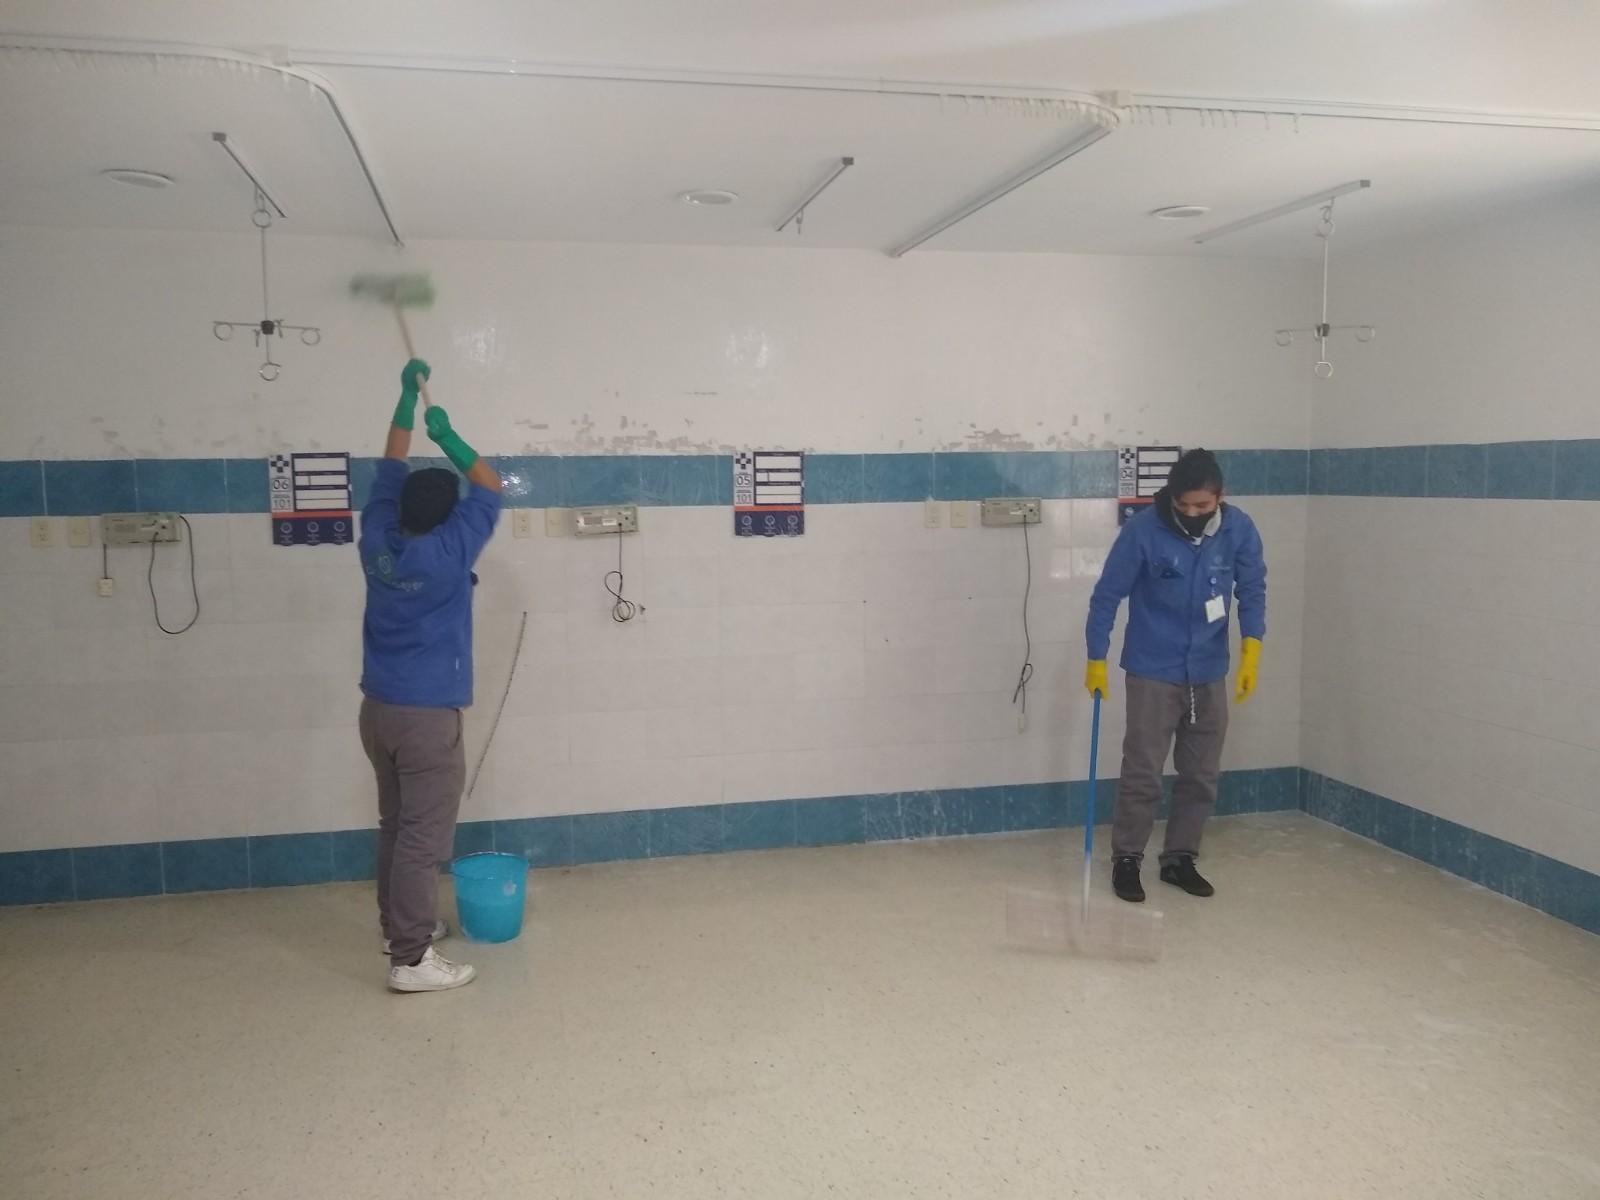 Trabajadores independientes de limpieza crean estándares para hospitales